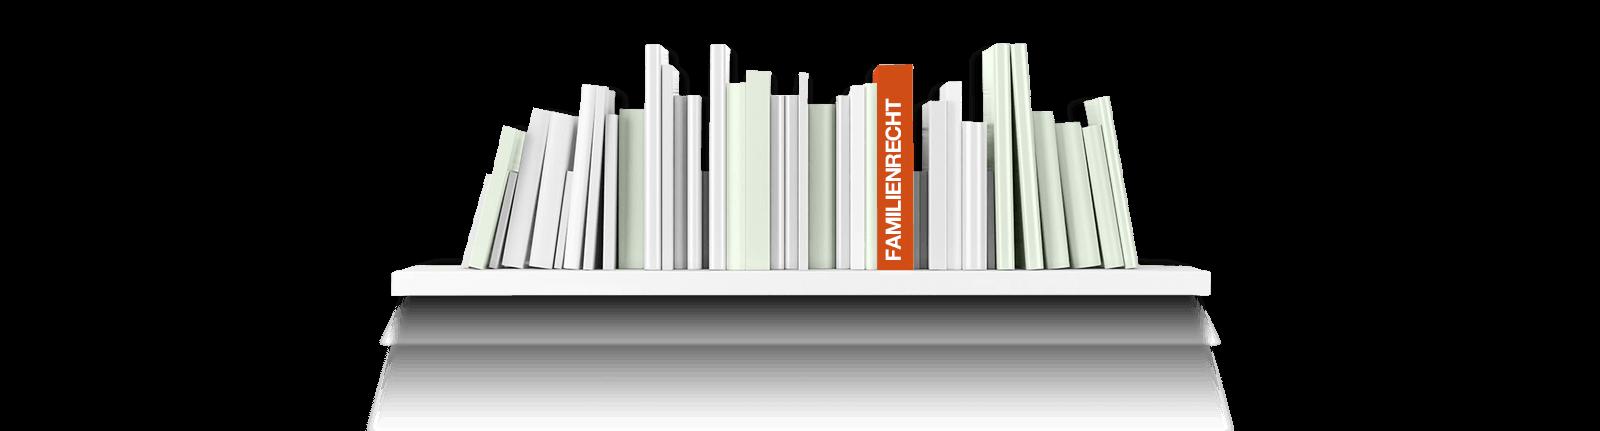 Bild zeigt ein Bücherregal mit einem Buch zum Thema Familienrecht